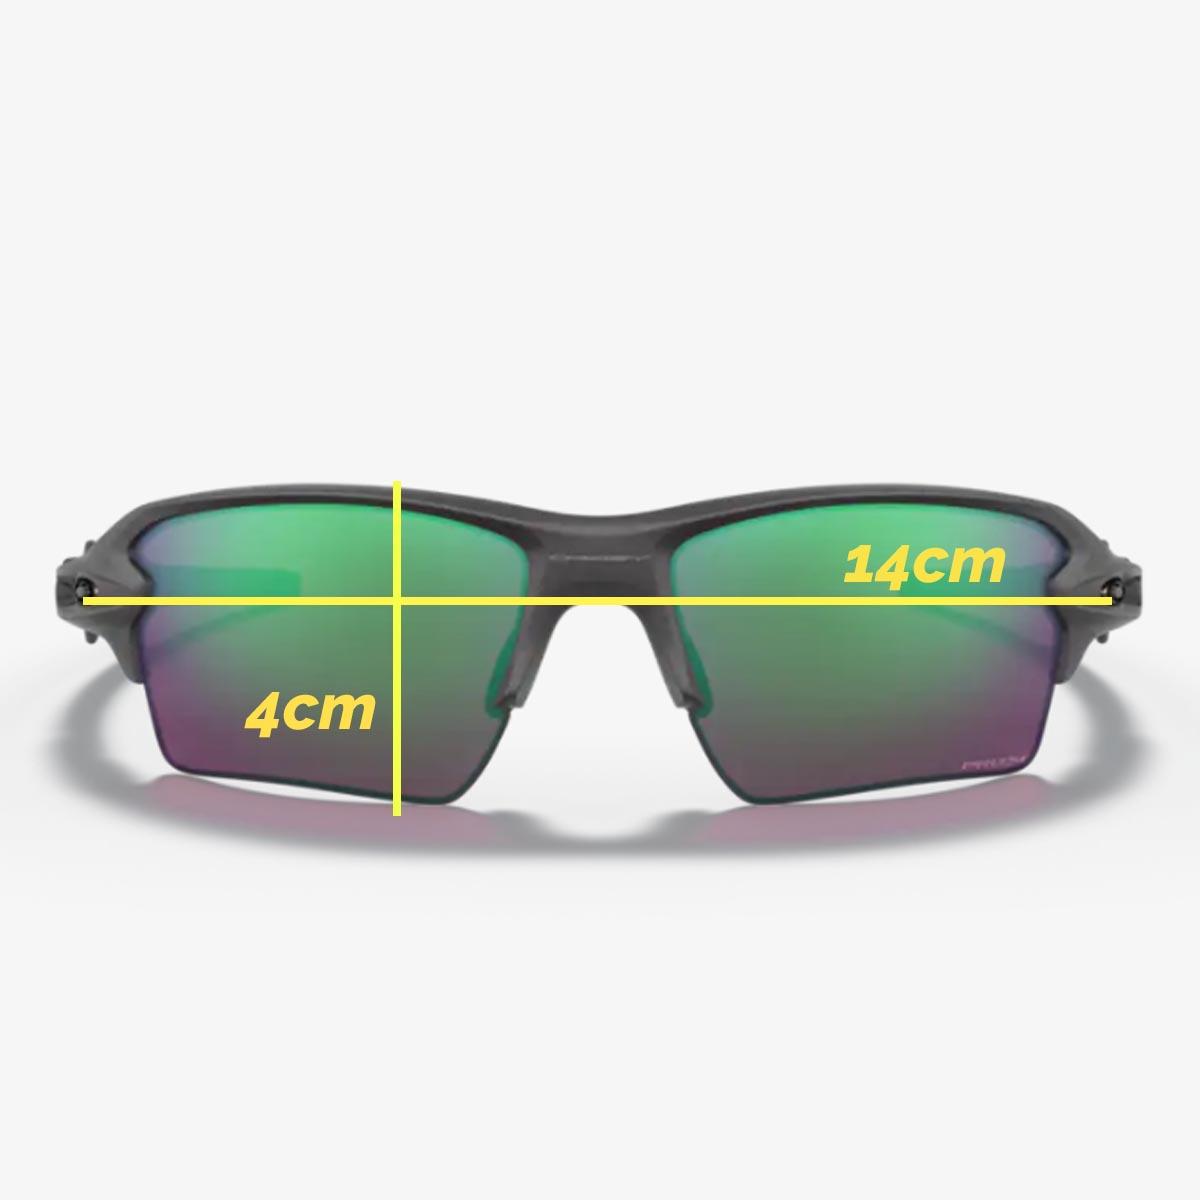 Oculos Para Ciclismo Oakley Flak 2.0 XL Cinza Steel Com Lente Prizm Road Jade